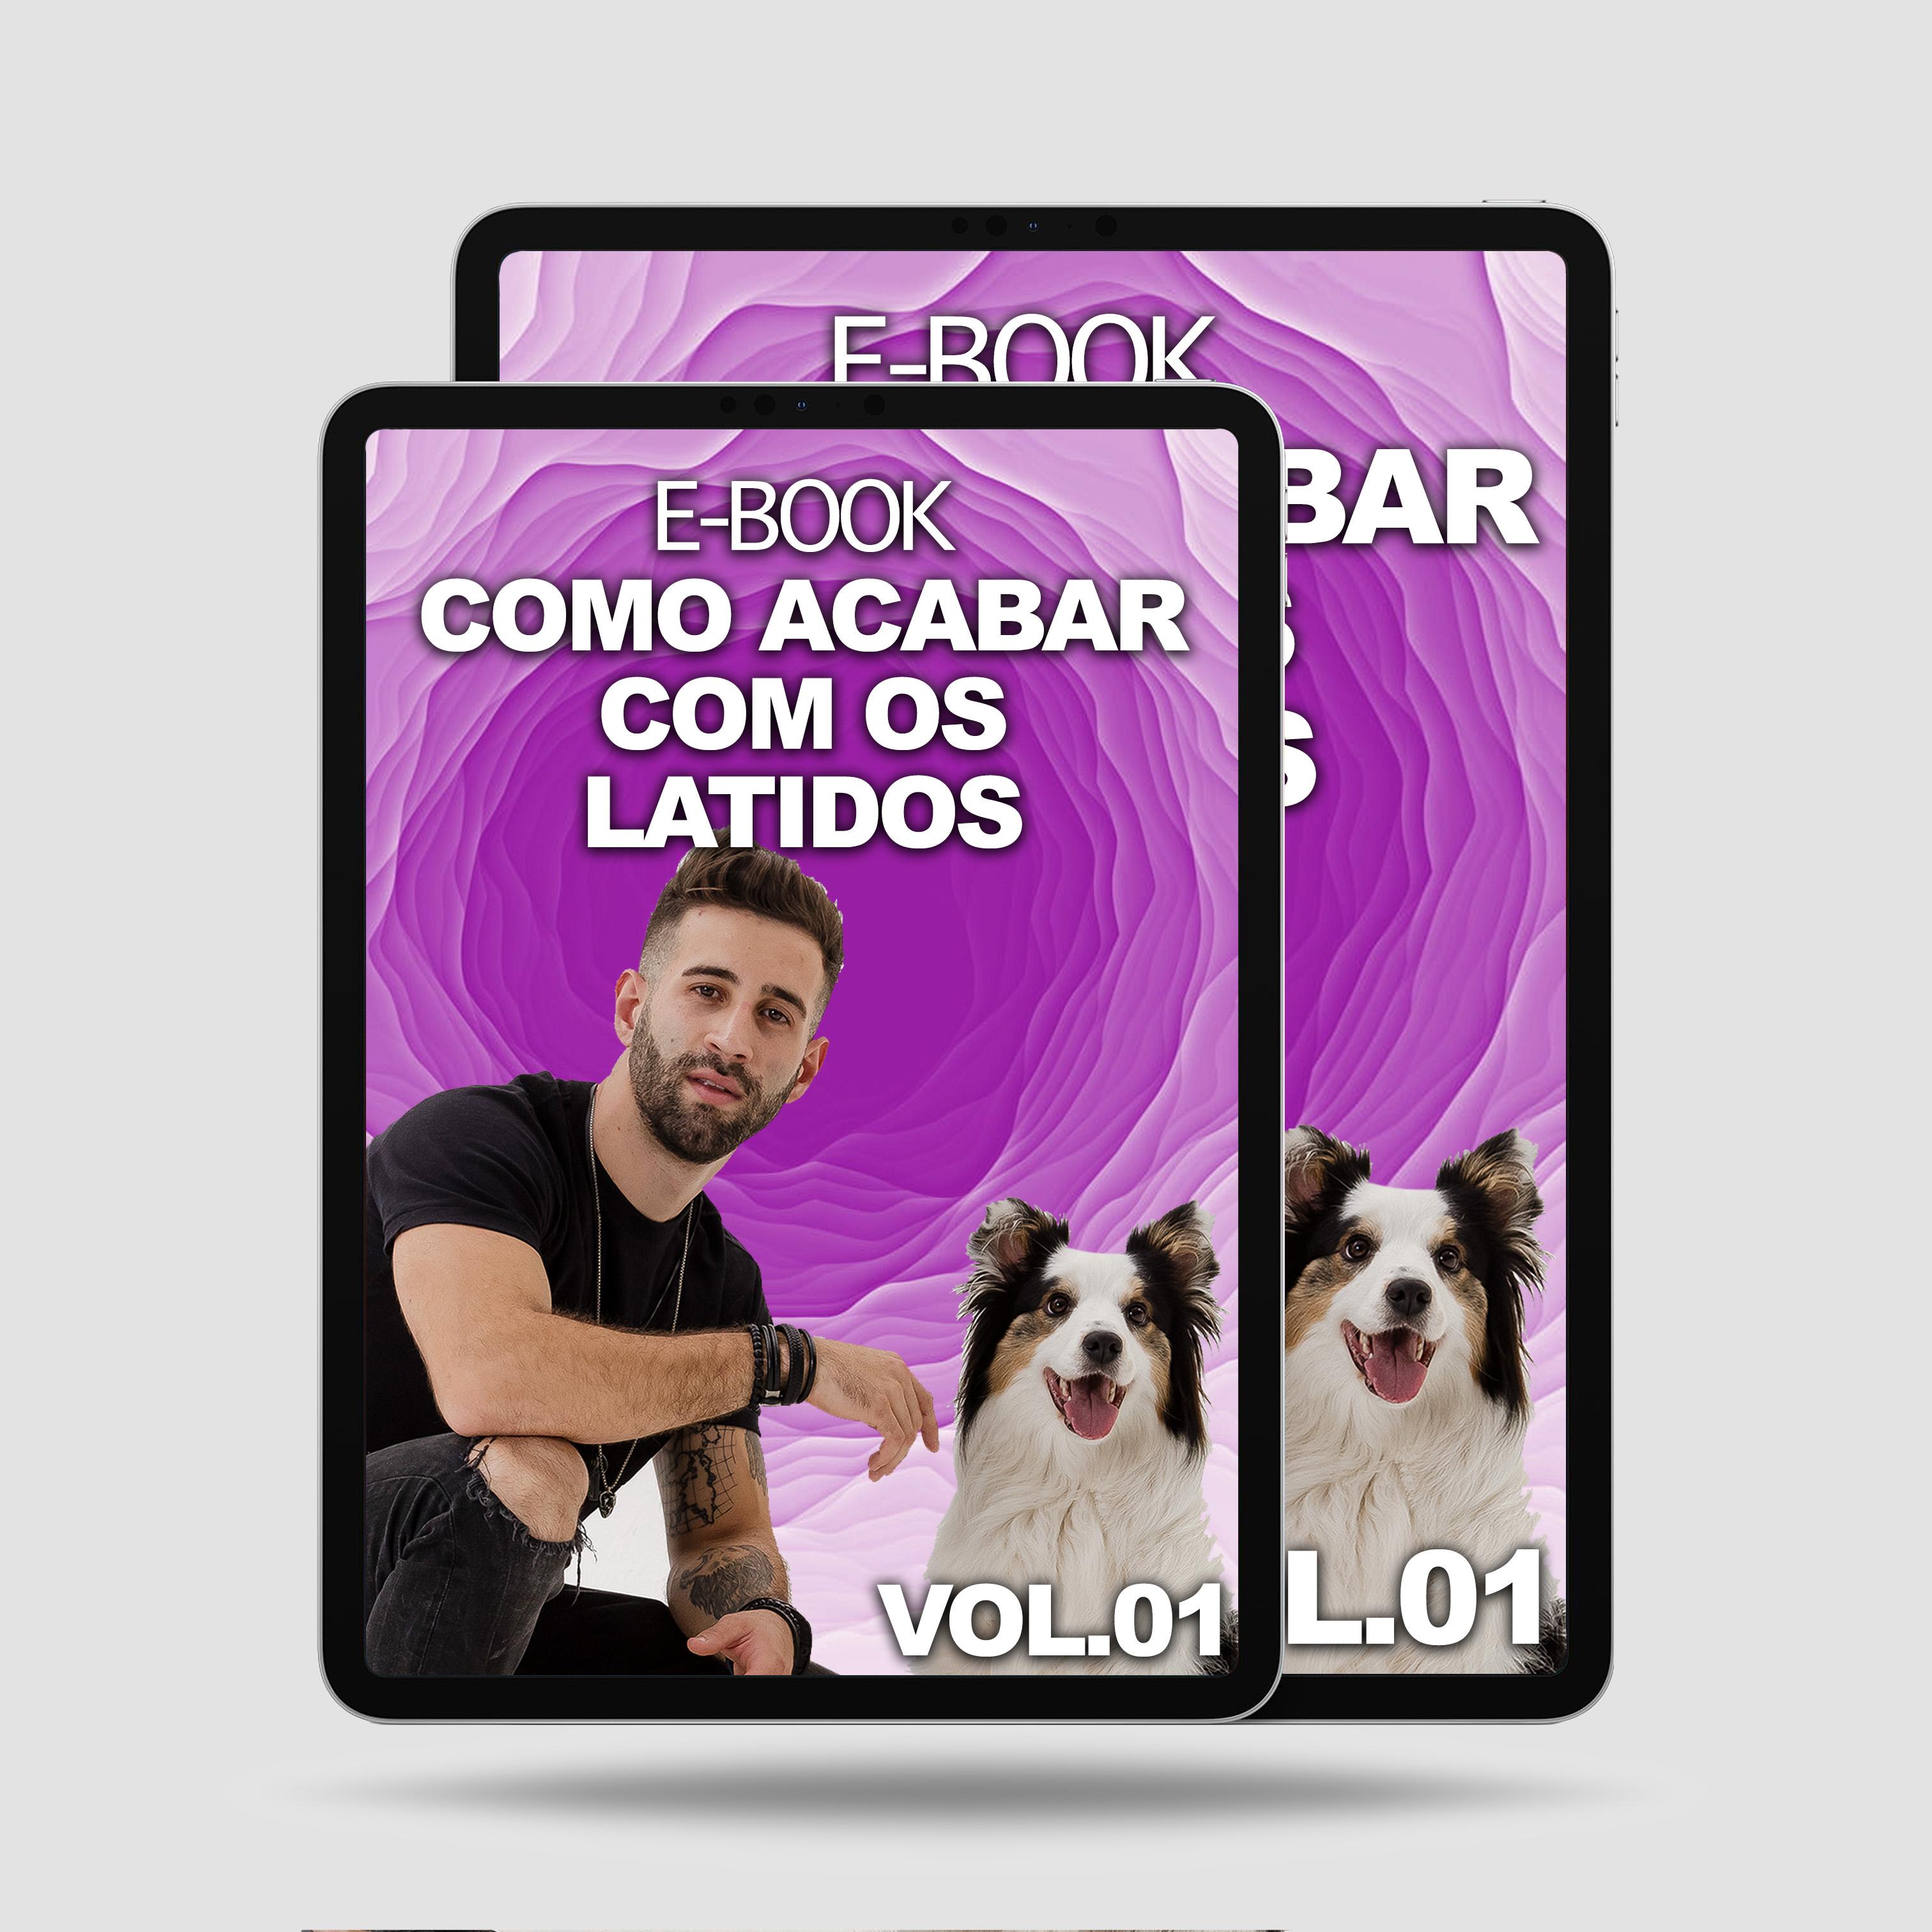 Imagem E-BOOK LATIDOS